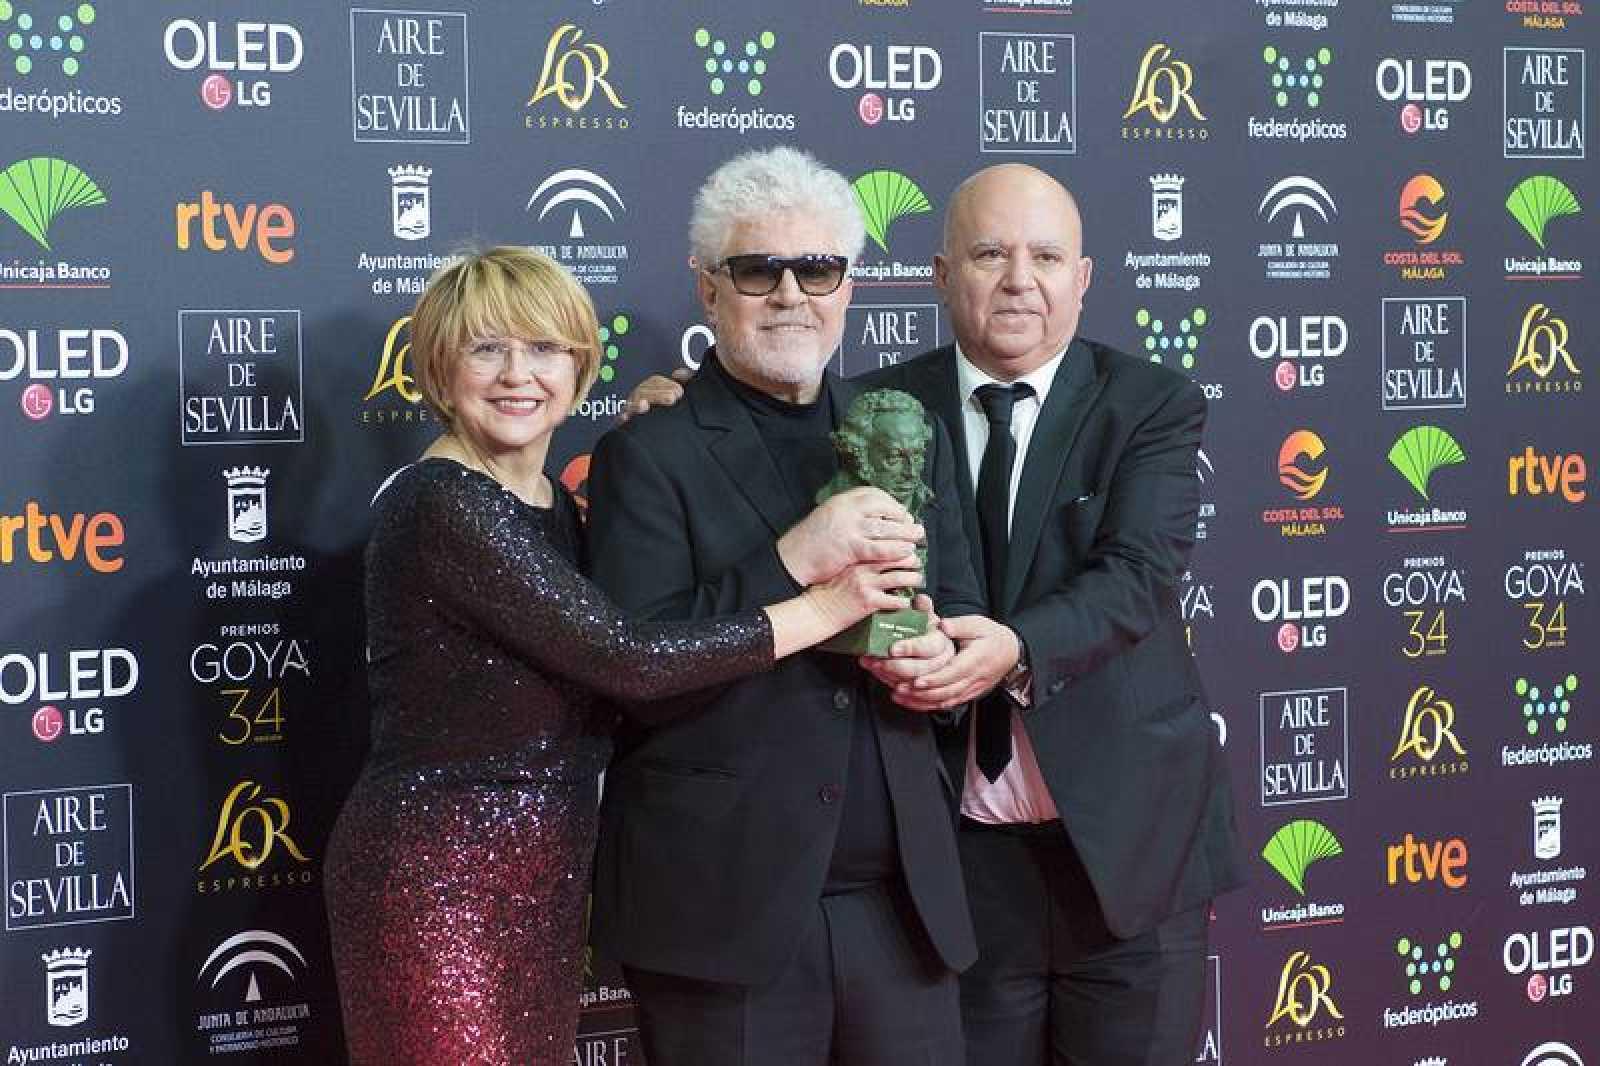 'Dolor y gloria', mejor película: Almodóvar con su hermano Agustín y Esther García, productores